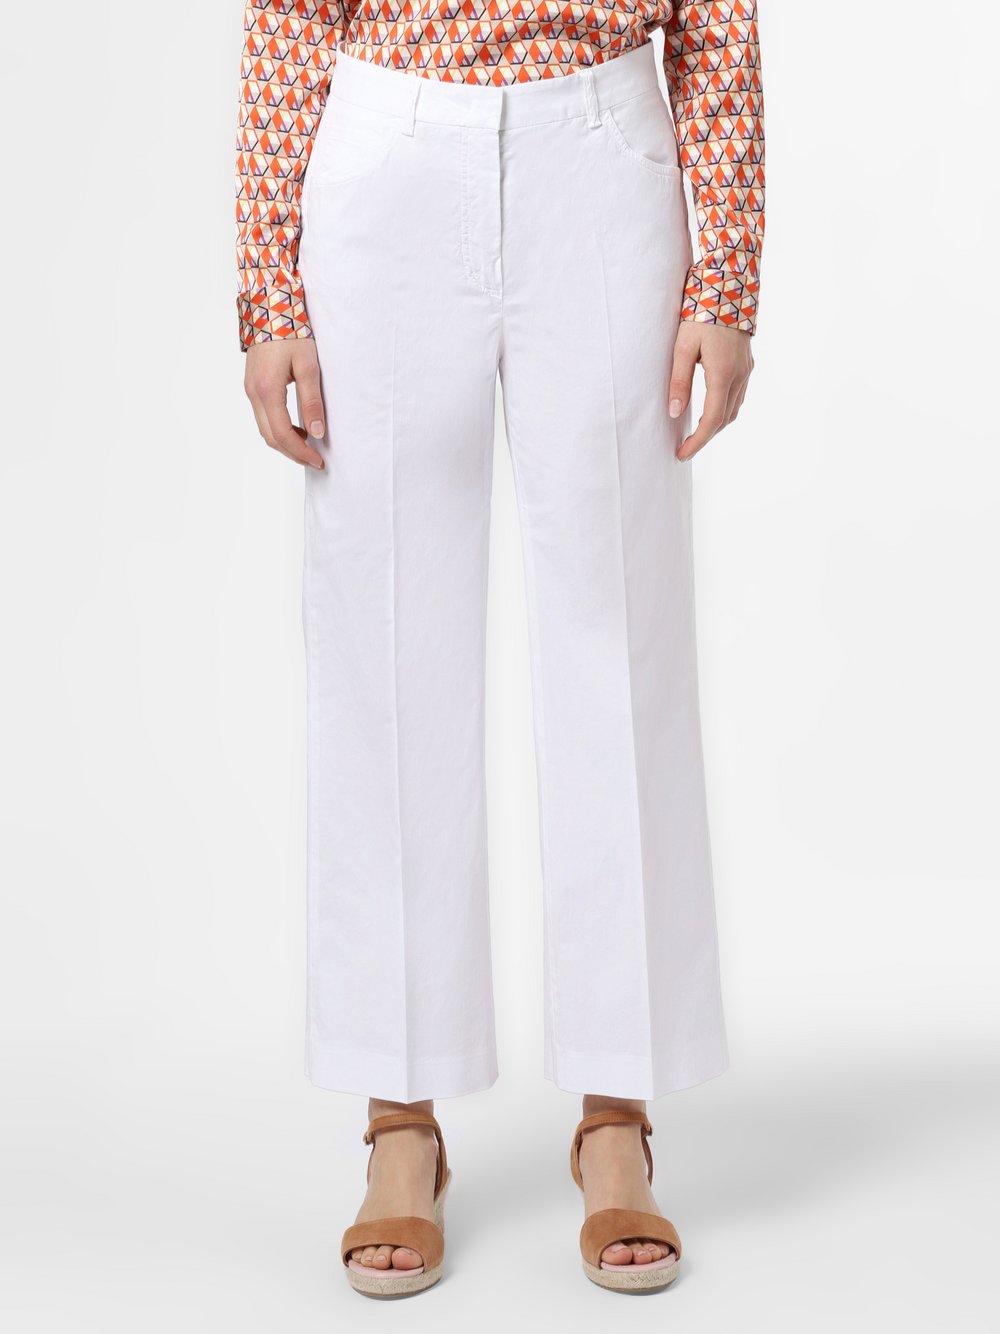 RAFFAELLO ROSSI – Spodnie damskie – Drona, biały Van Graaf 466446-0001-00380